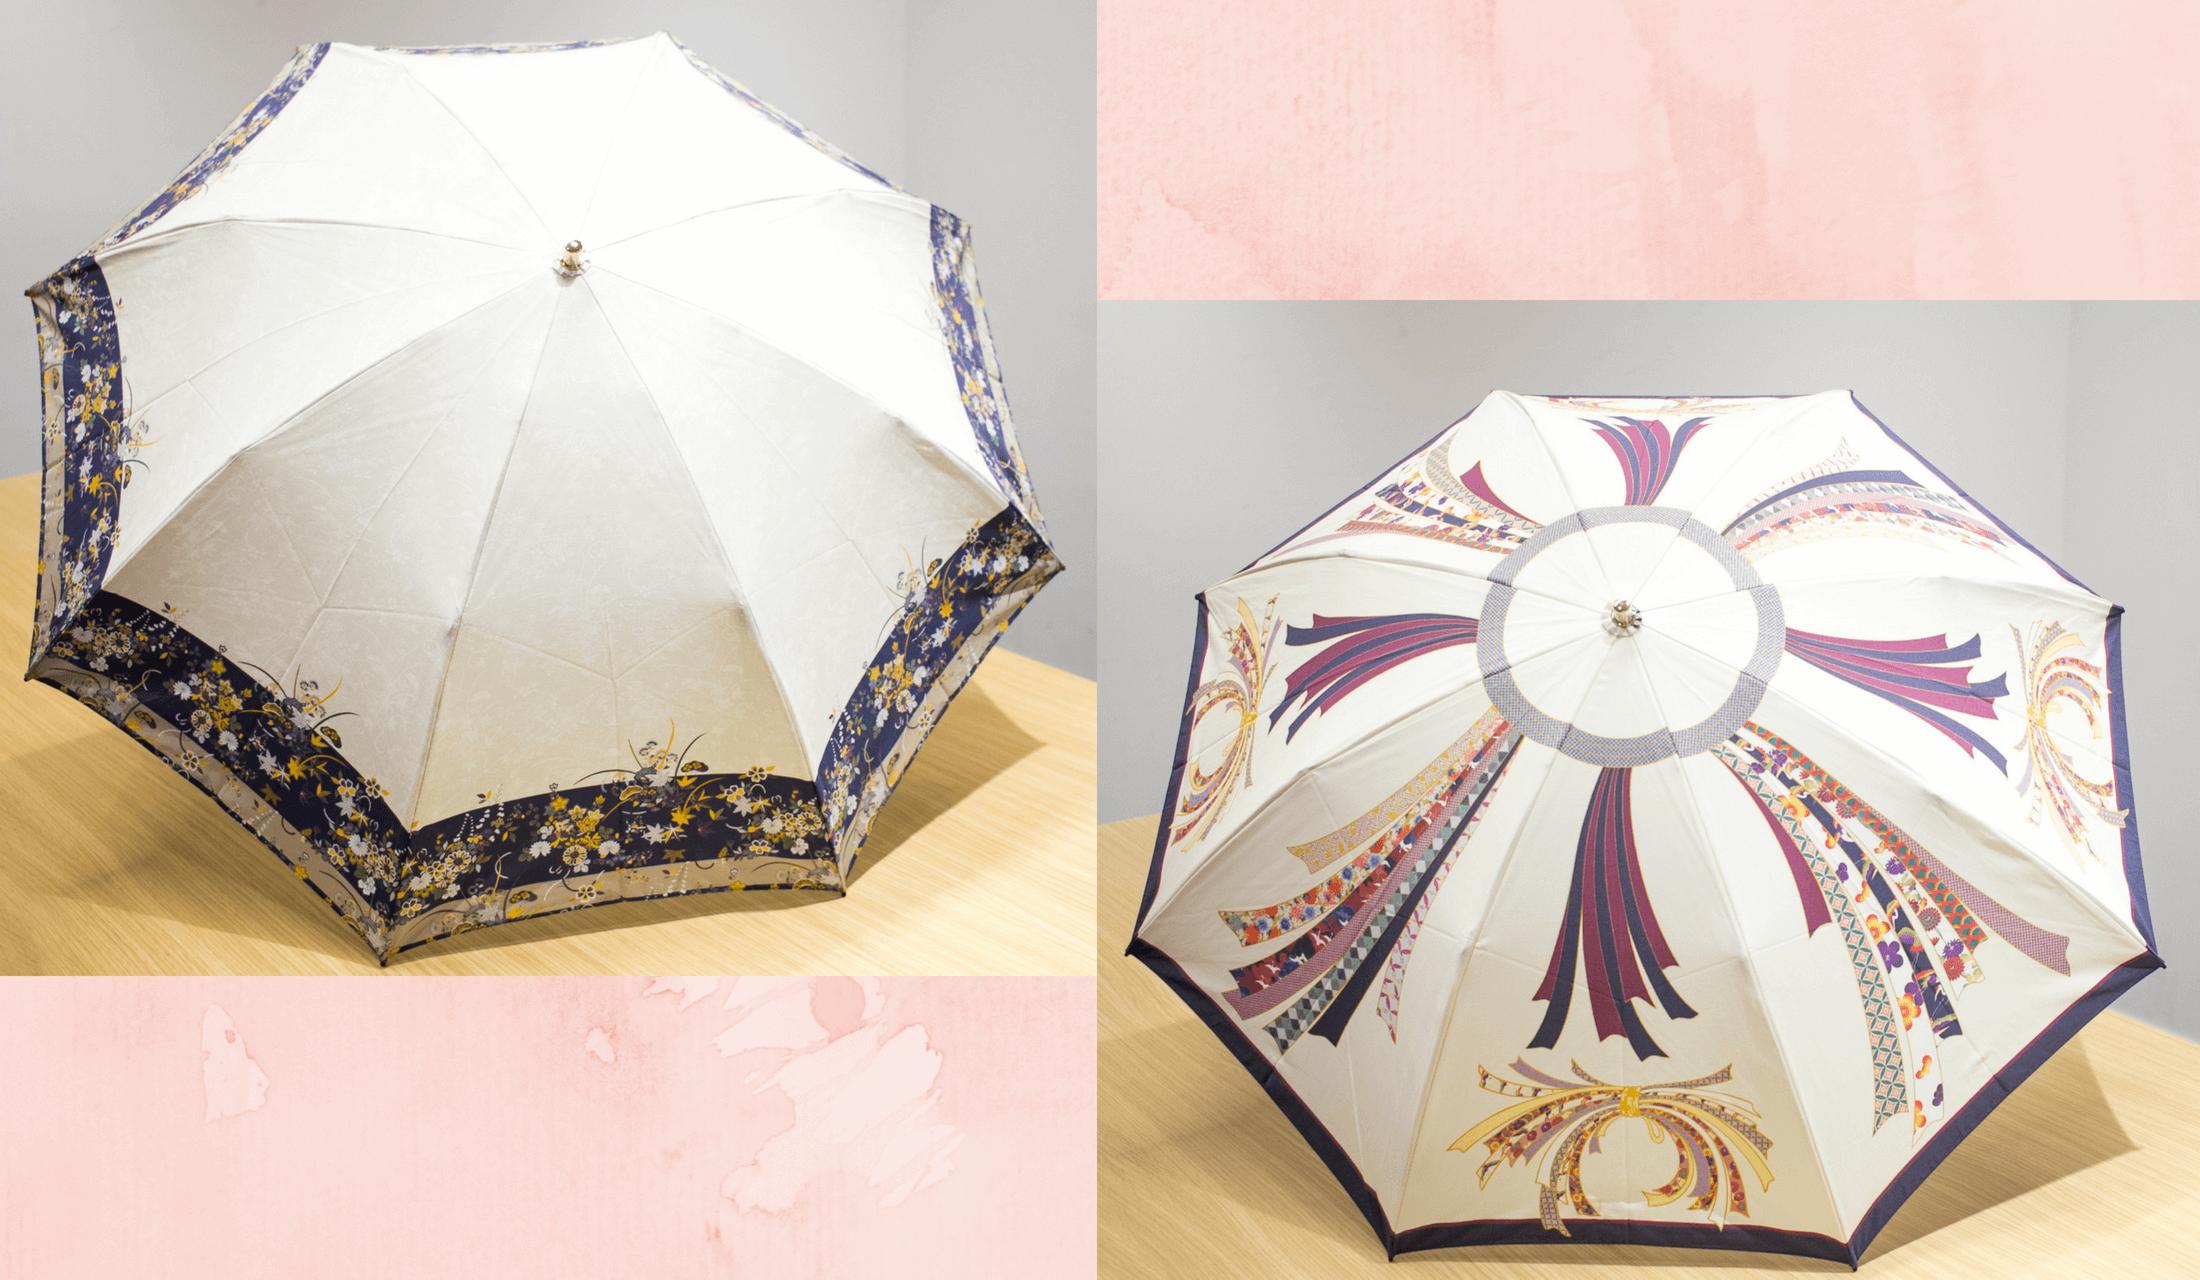 和風のデザインの折り畳み傘が2つ広げられている